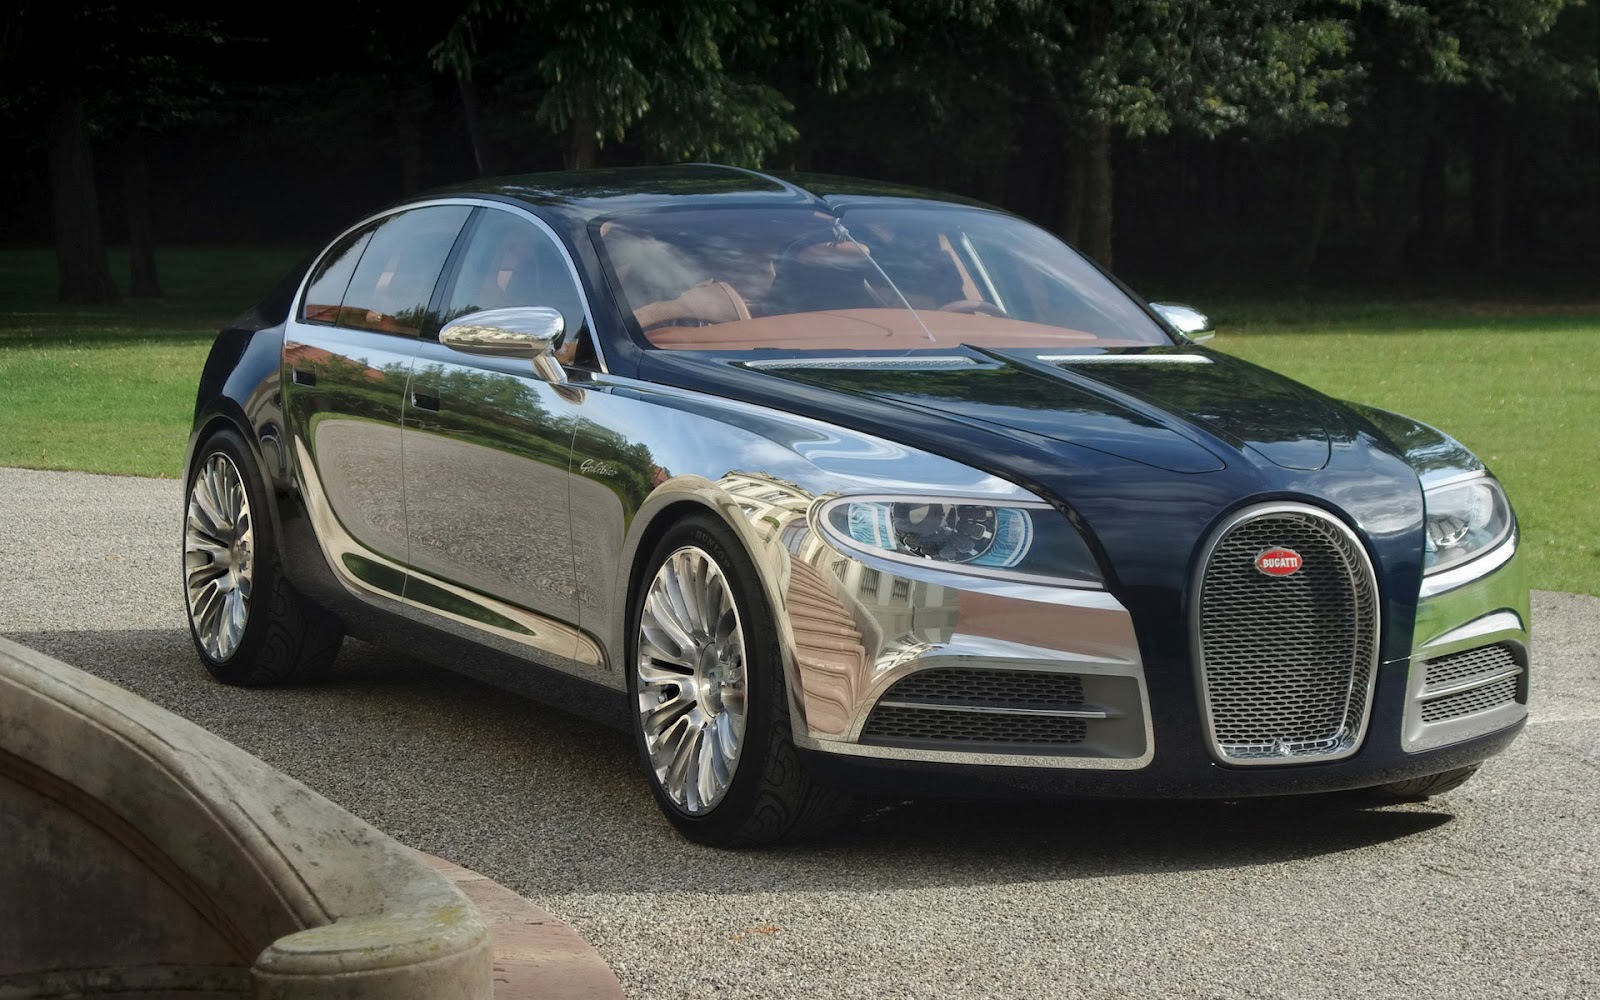 http://4.bp.blogspot.com/--p0WTyjyMAE/T50utQWCa9I/AAAAAAAAAIw/vu8Bv3XshNQ/s1600/Exotic+cars+wallpaper+Hd-6.jpg